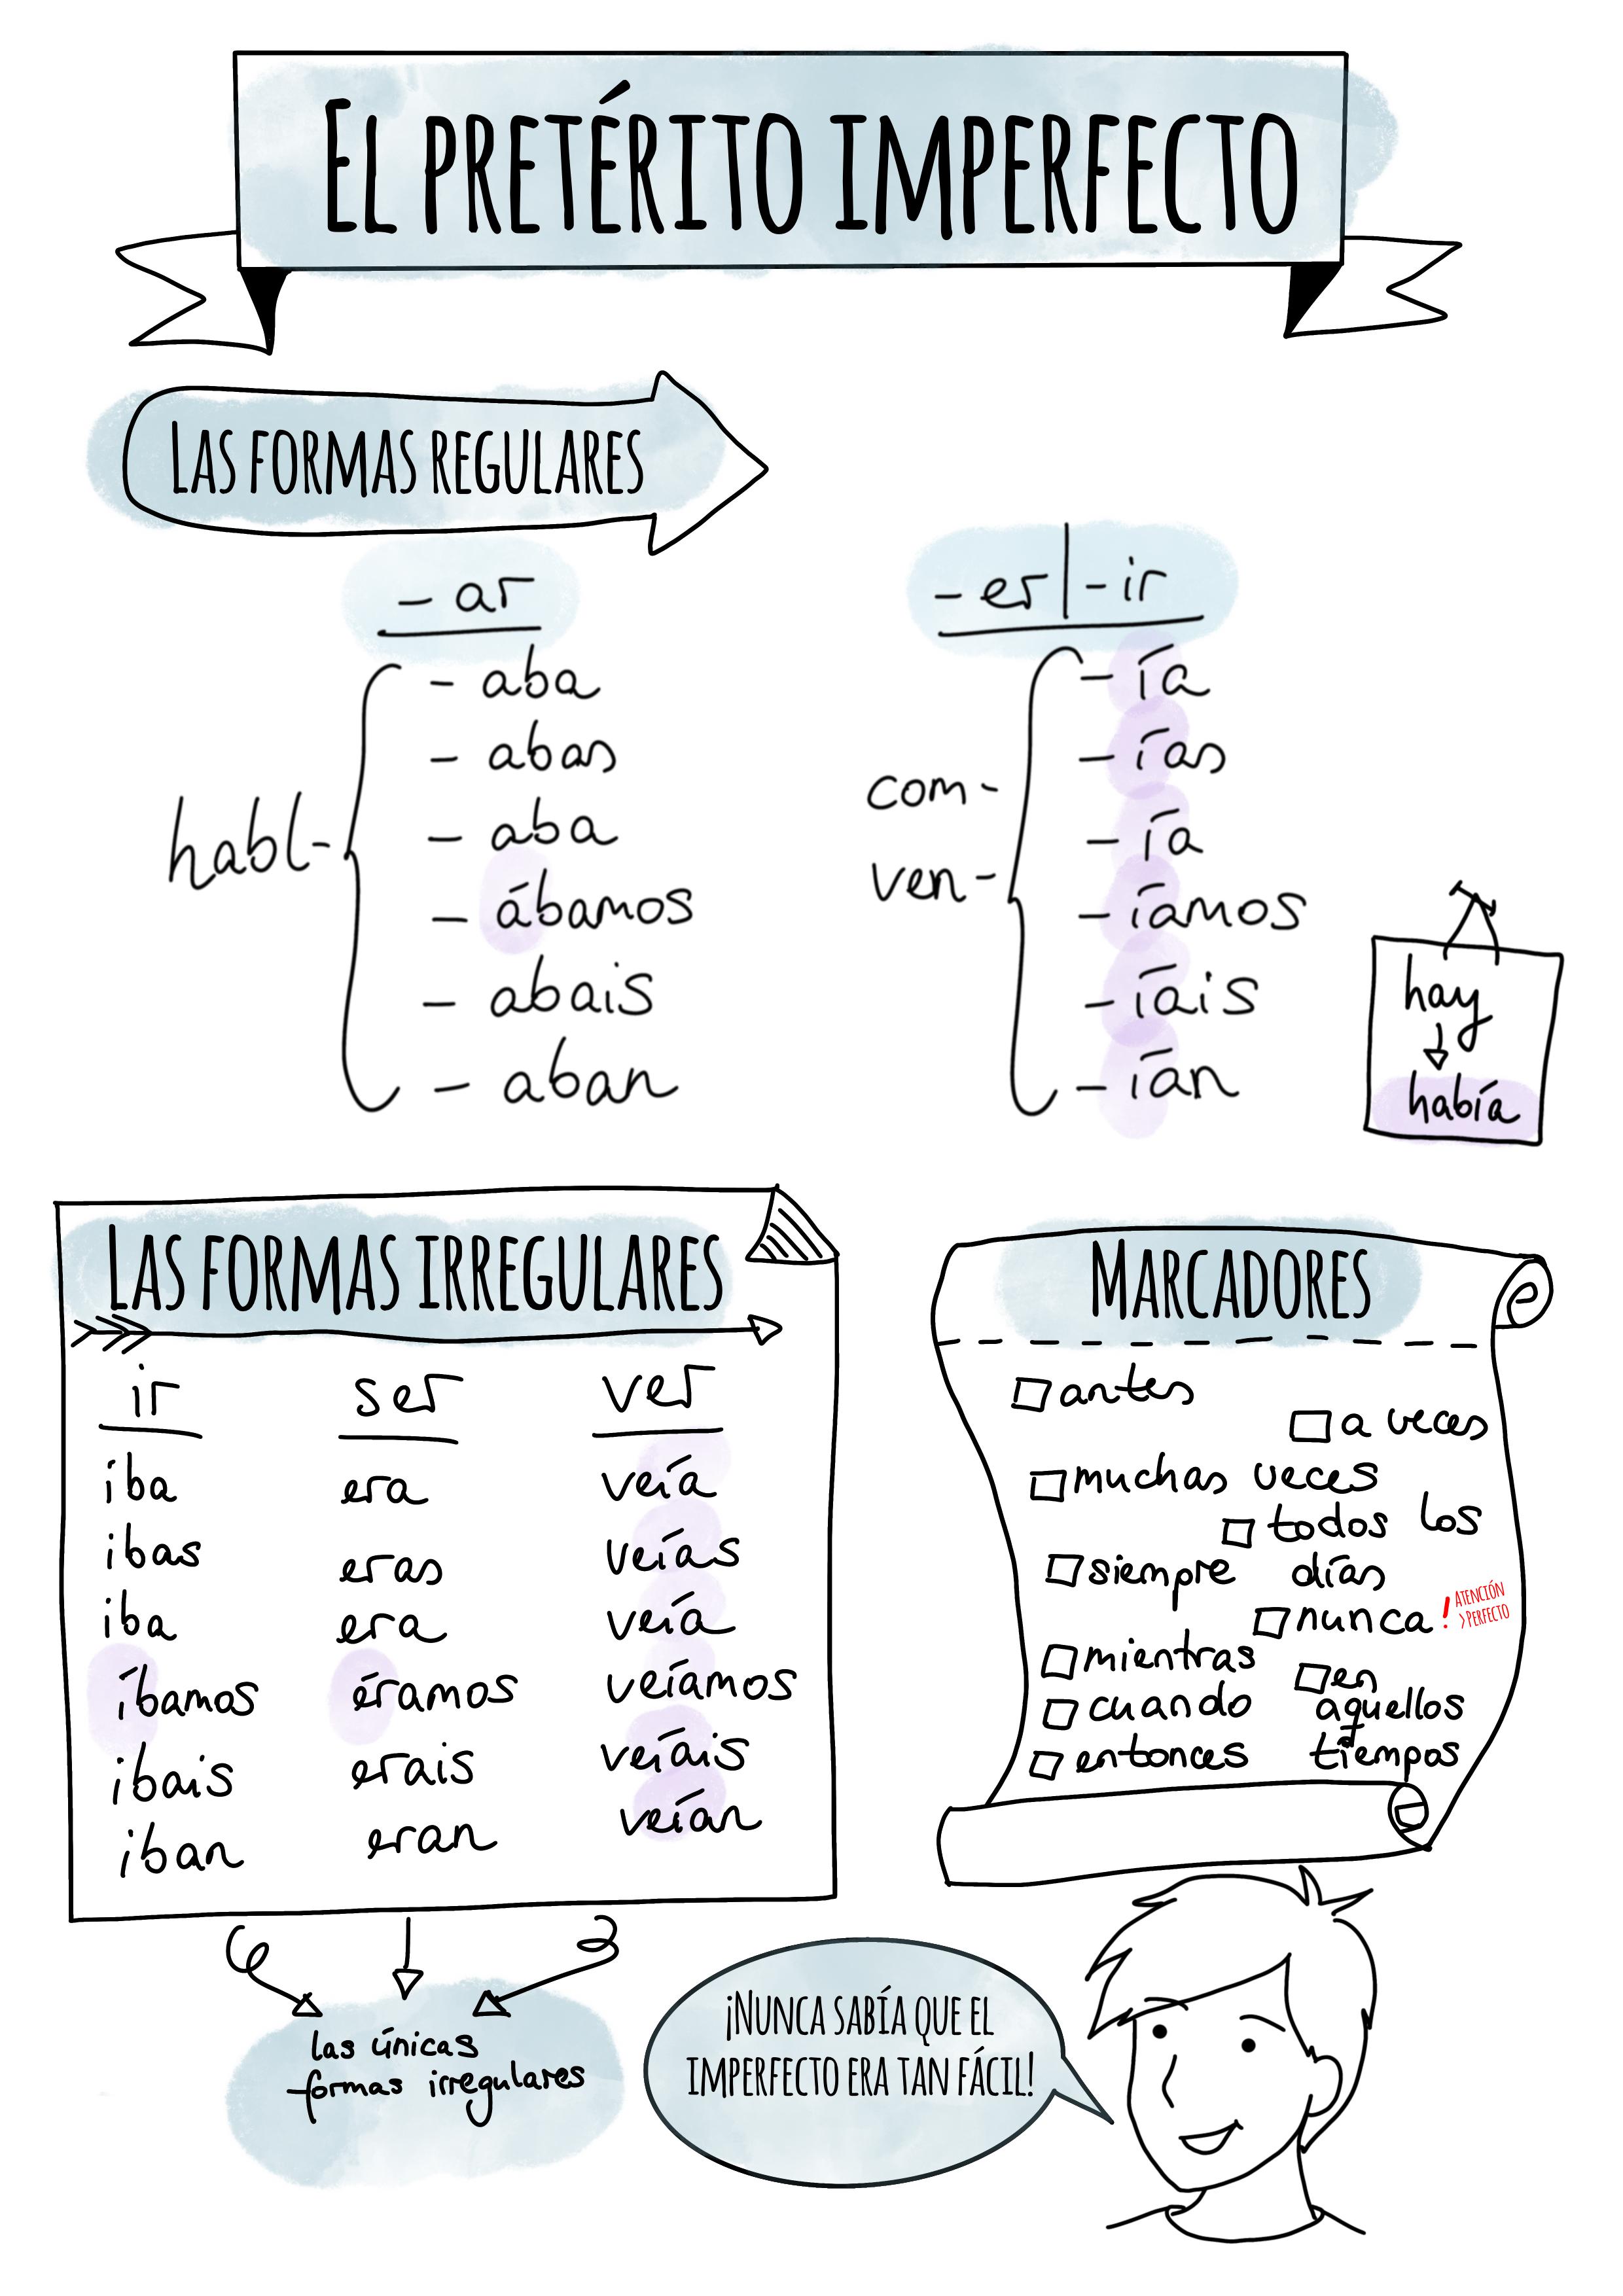 Merkblatt Imperfecto Unterrichtsmaterial Im Fach Spanisch In 2020 Spanisch Unterrichten Spanisch Lernen Spanisch Unterricht